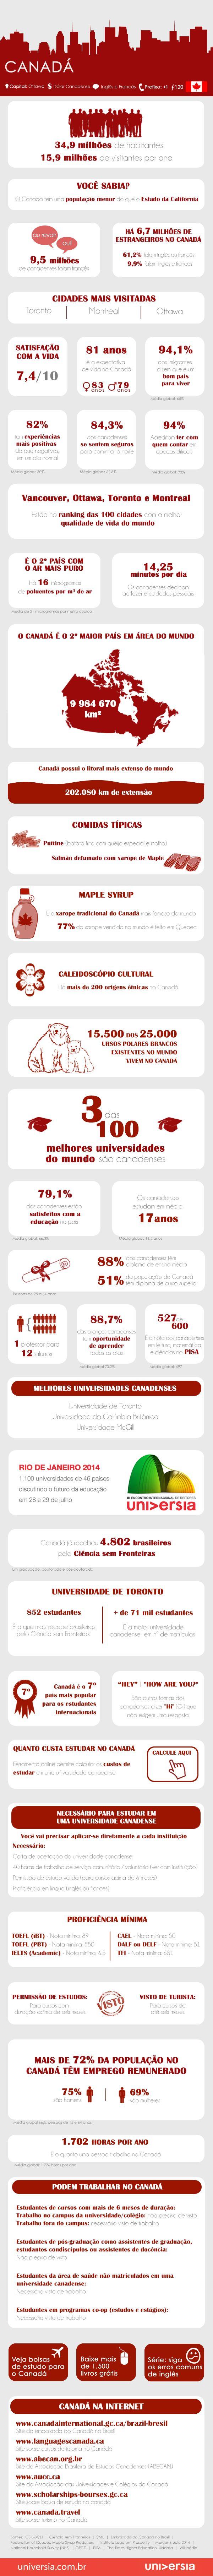 Infográfico: 40 coisas que você deve saber antes de estudar e trabalhar no Canadá